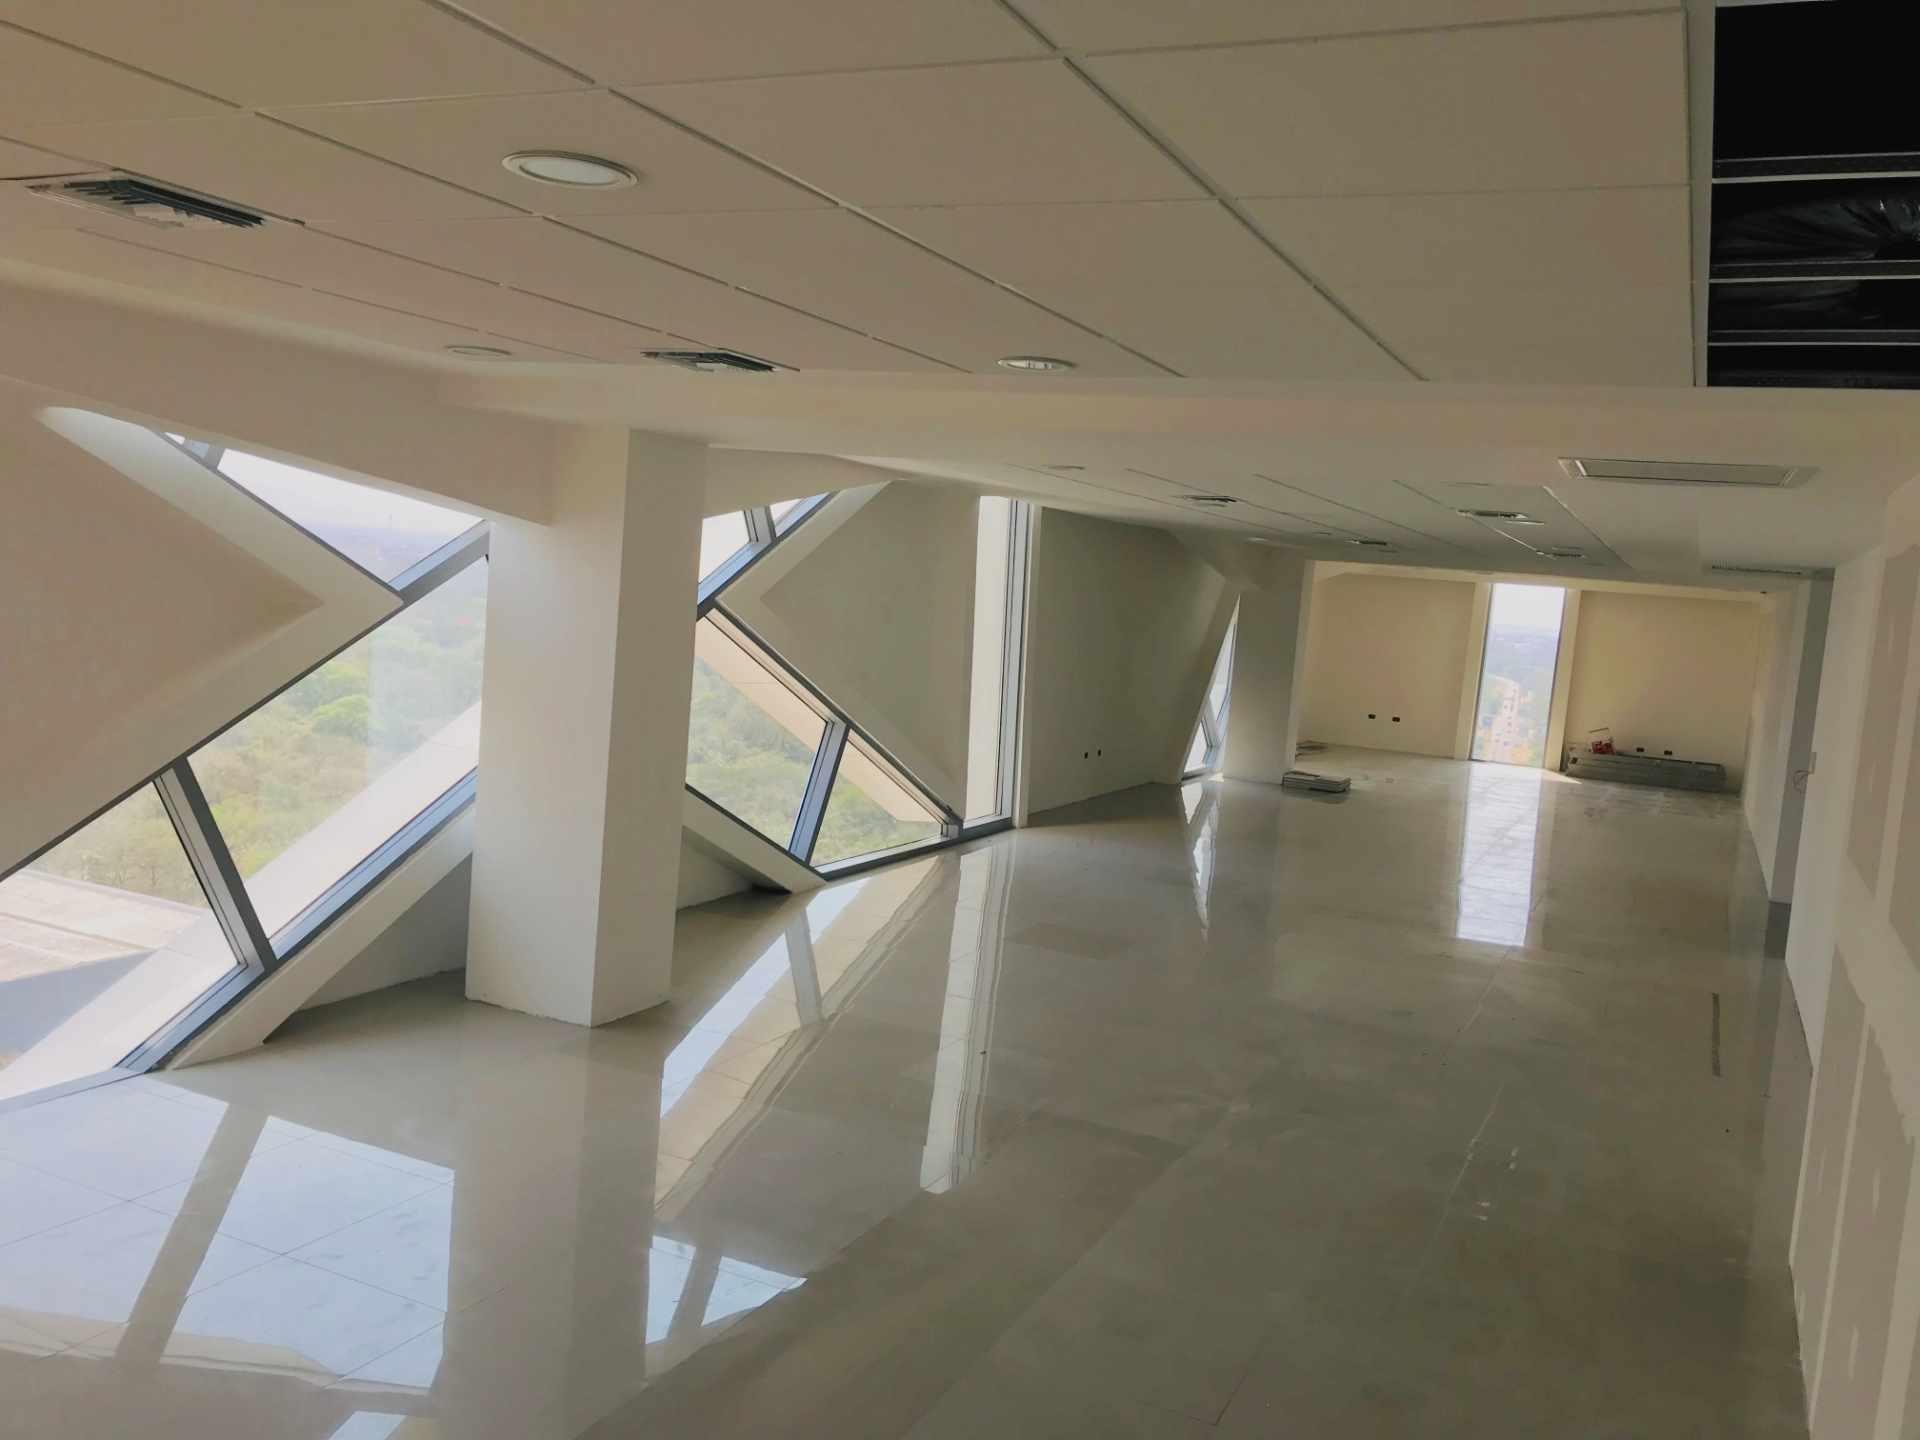 Oficina en Venta Torre de Negocios ALAS. Equipetrol Norte zona Empresarial, Av. San Martín entre 3er y 4to anillo.  Foto 15